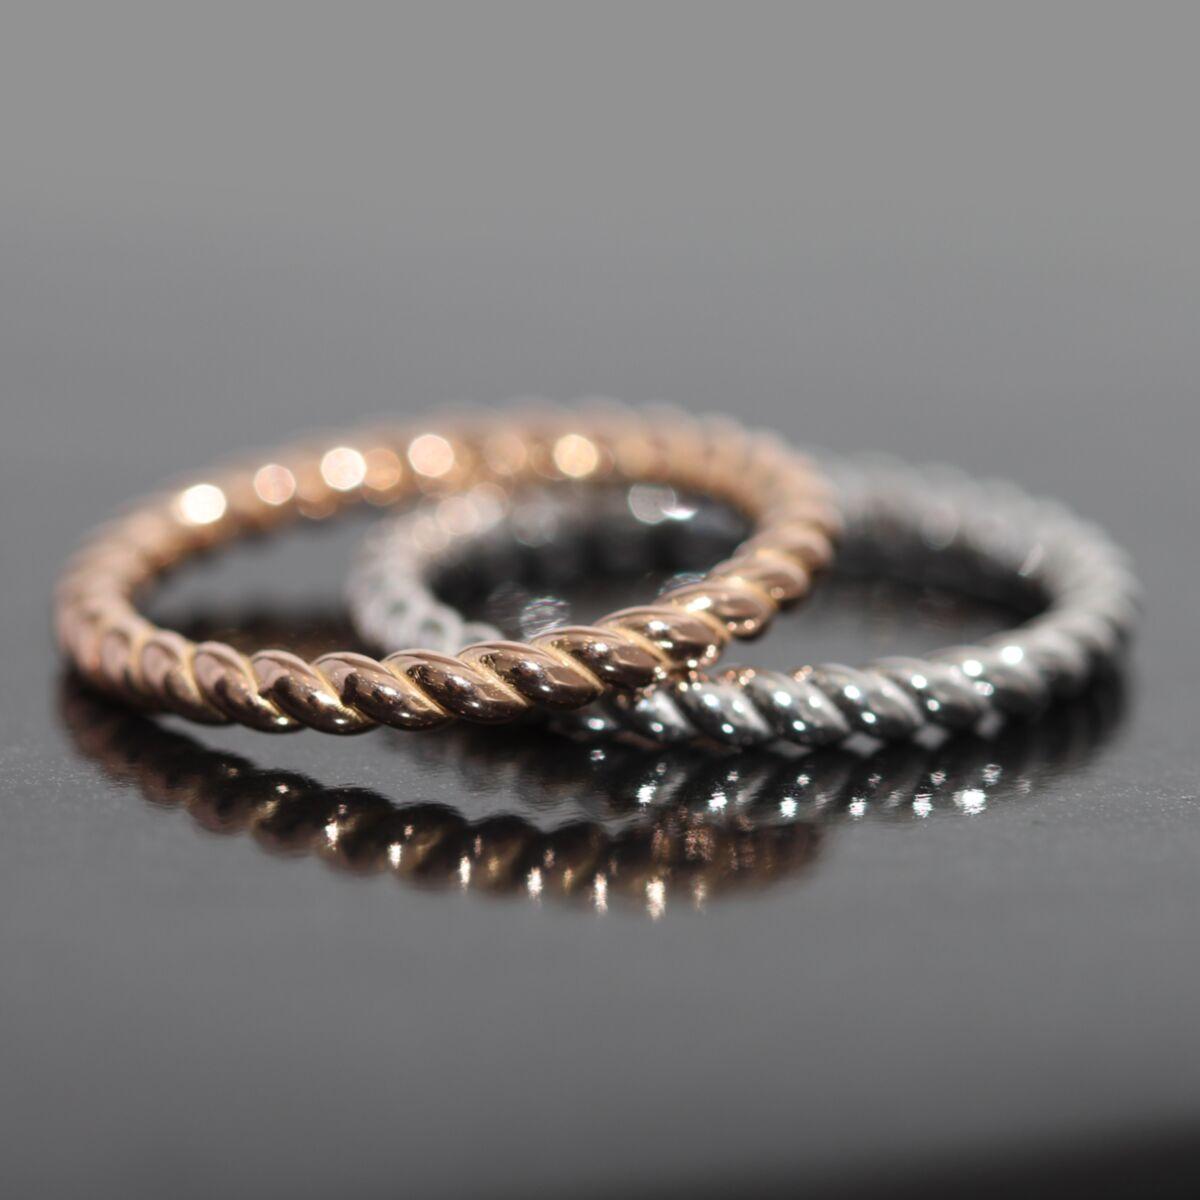 Endless Ring image